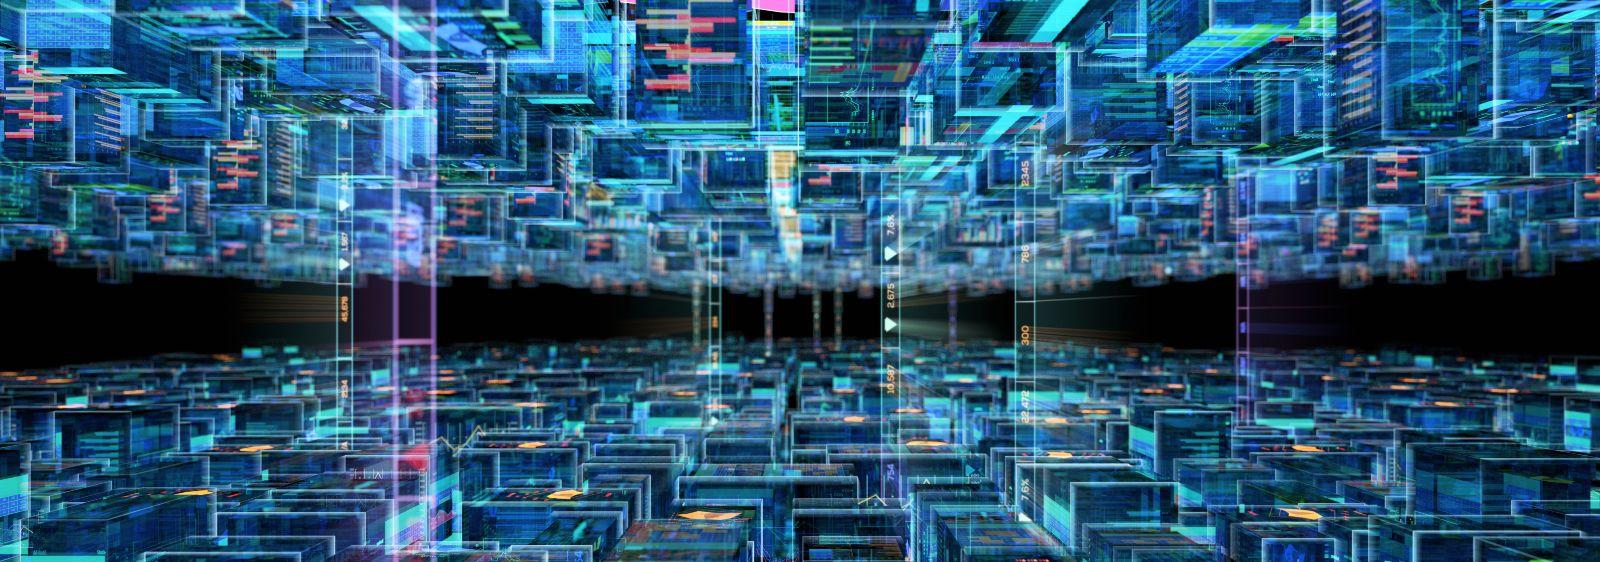 graphische Darstellung des Inneren einer Datenbank